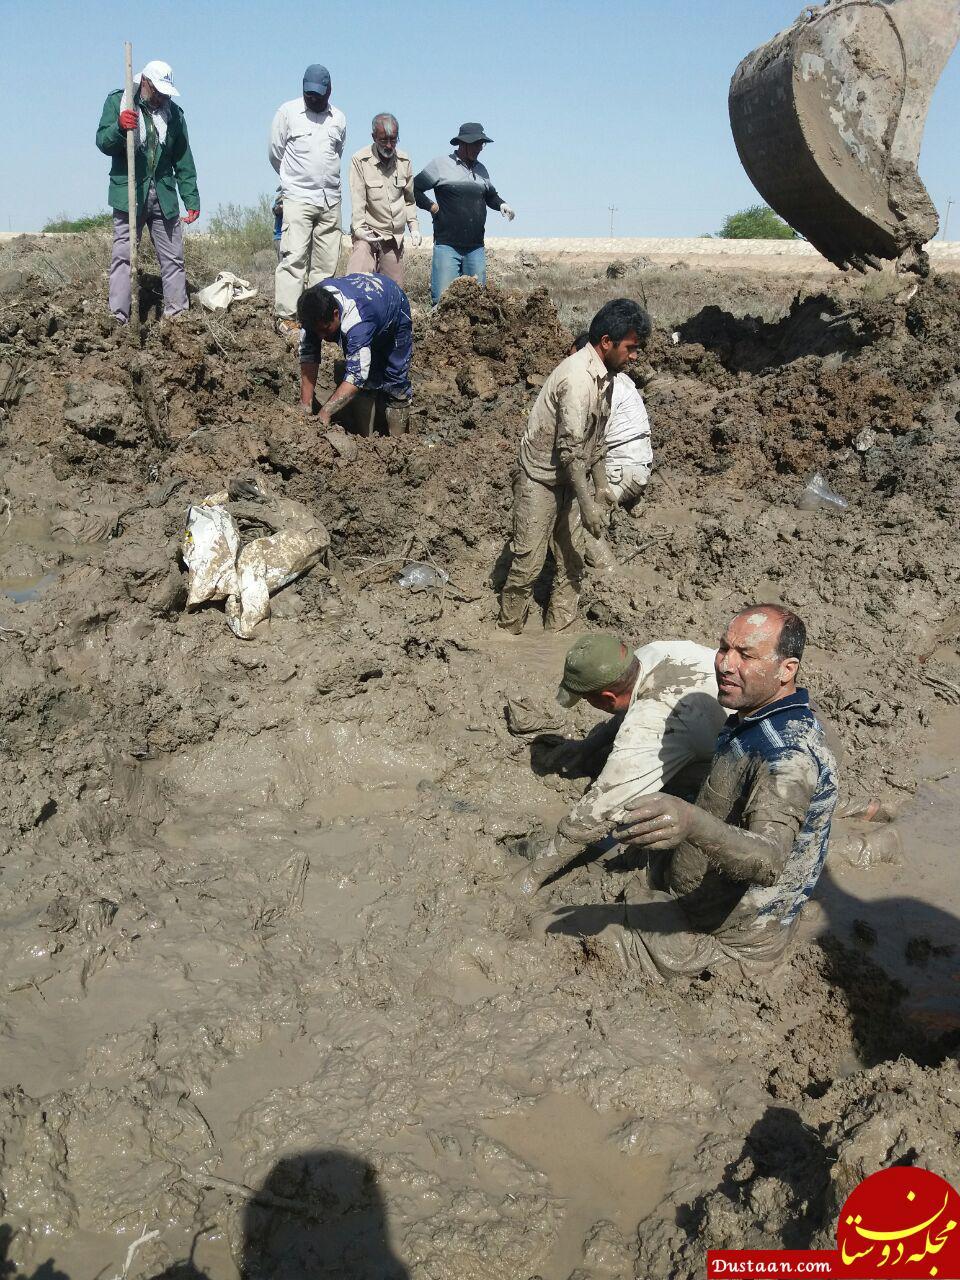 www.dustaan.com تصویری از سختی های عملیات تفحص پیکرهای مطهرشهدا